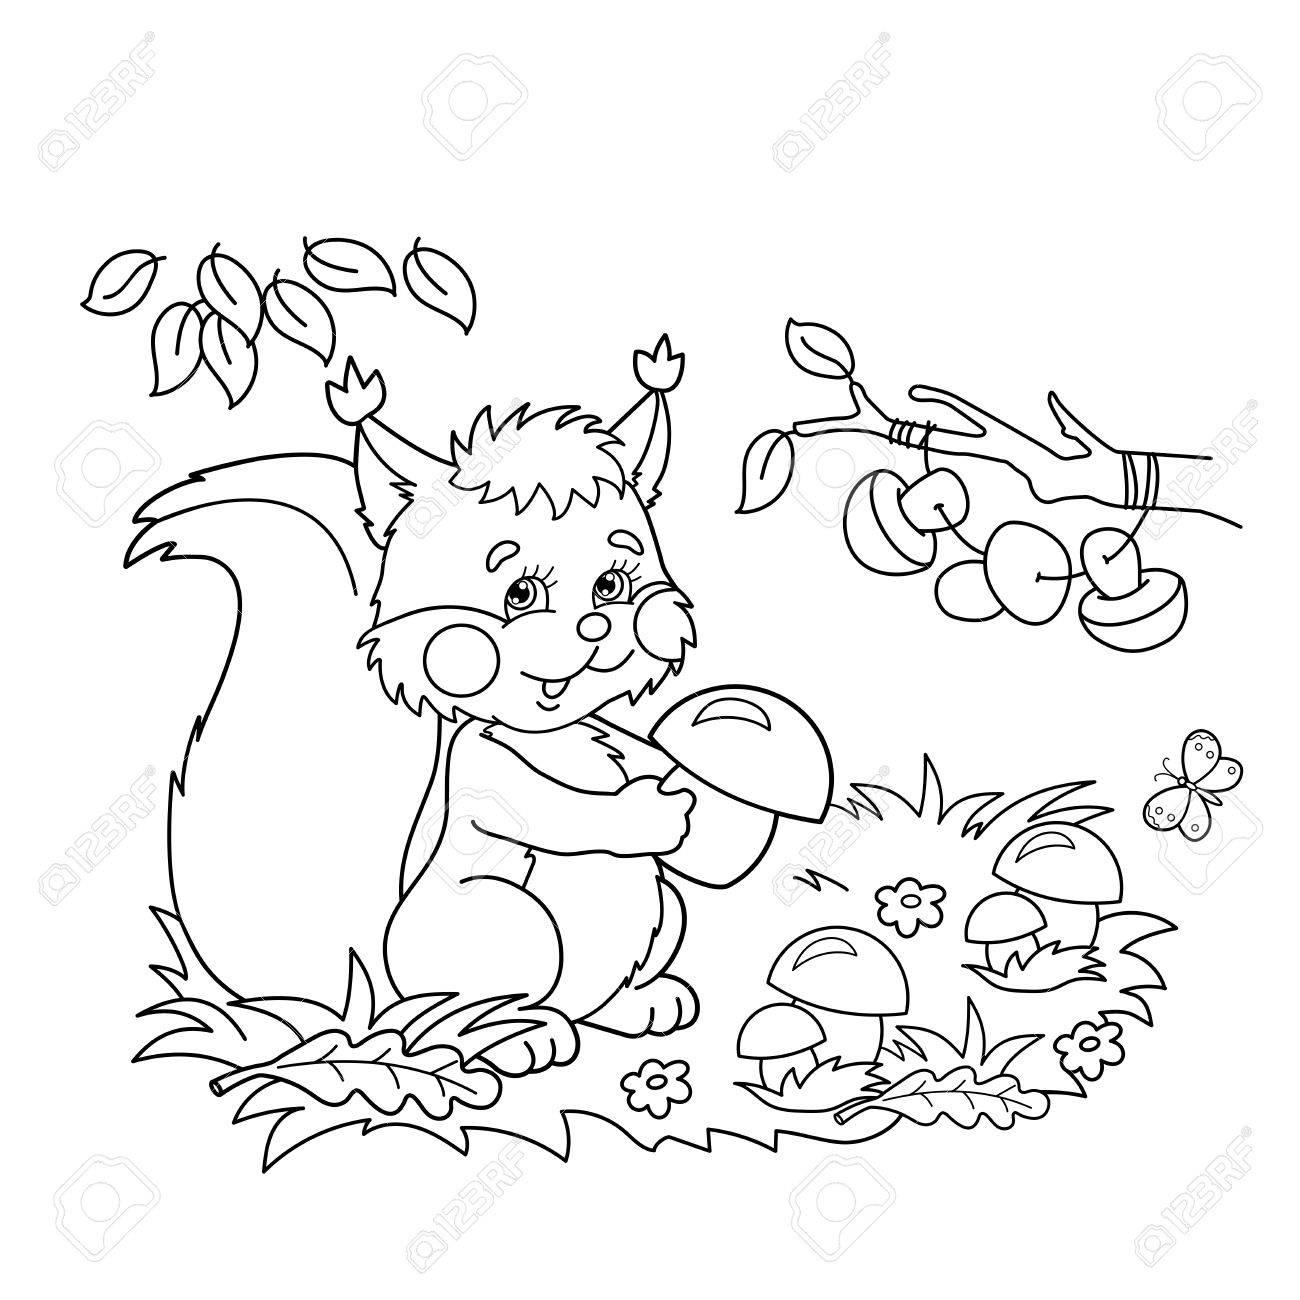 ぬりえページ概要の漫画とリス キノコと蝶の牧草地子供のための塗り絵